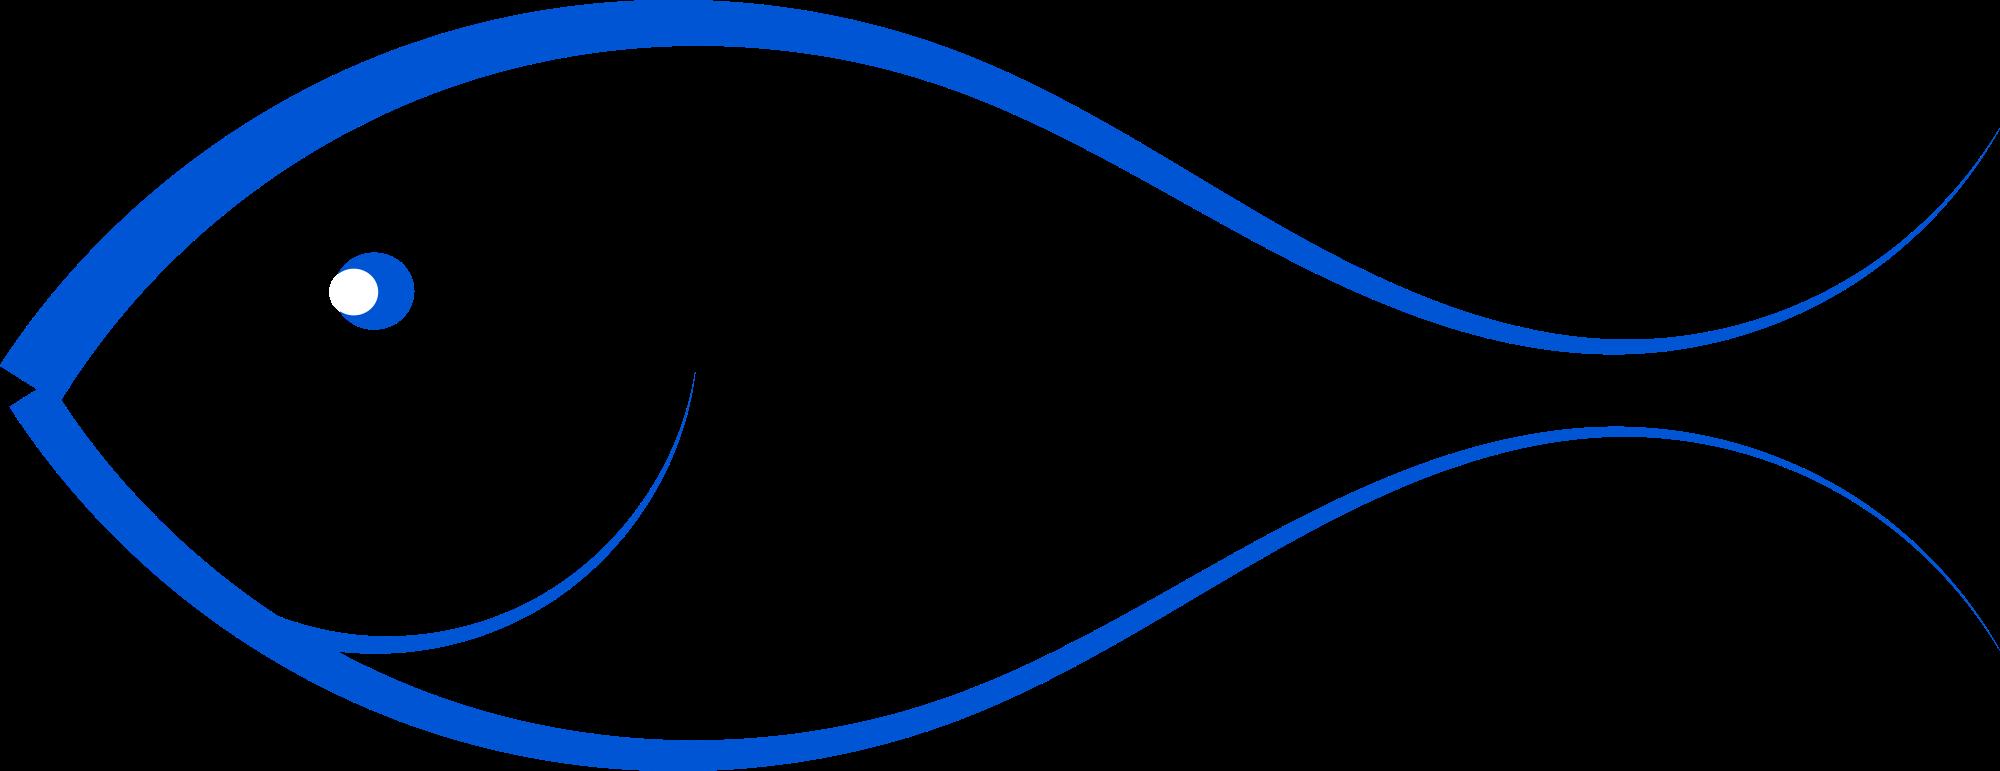 2000x771 Clip Art Clip Art Of Fish